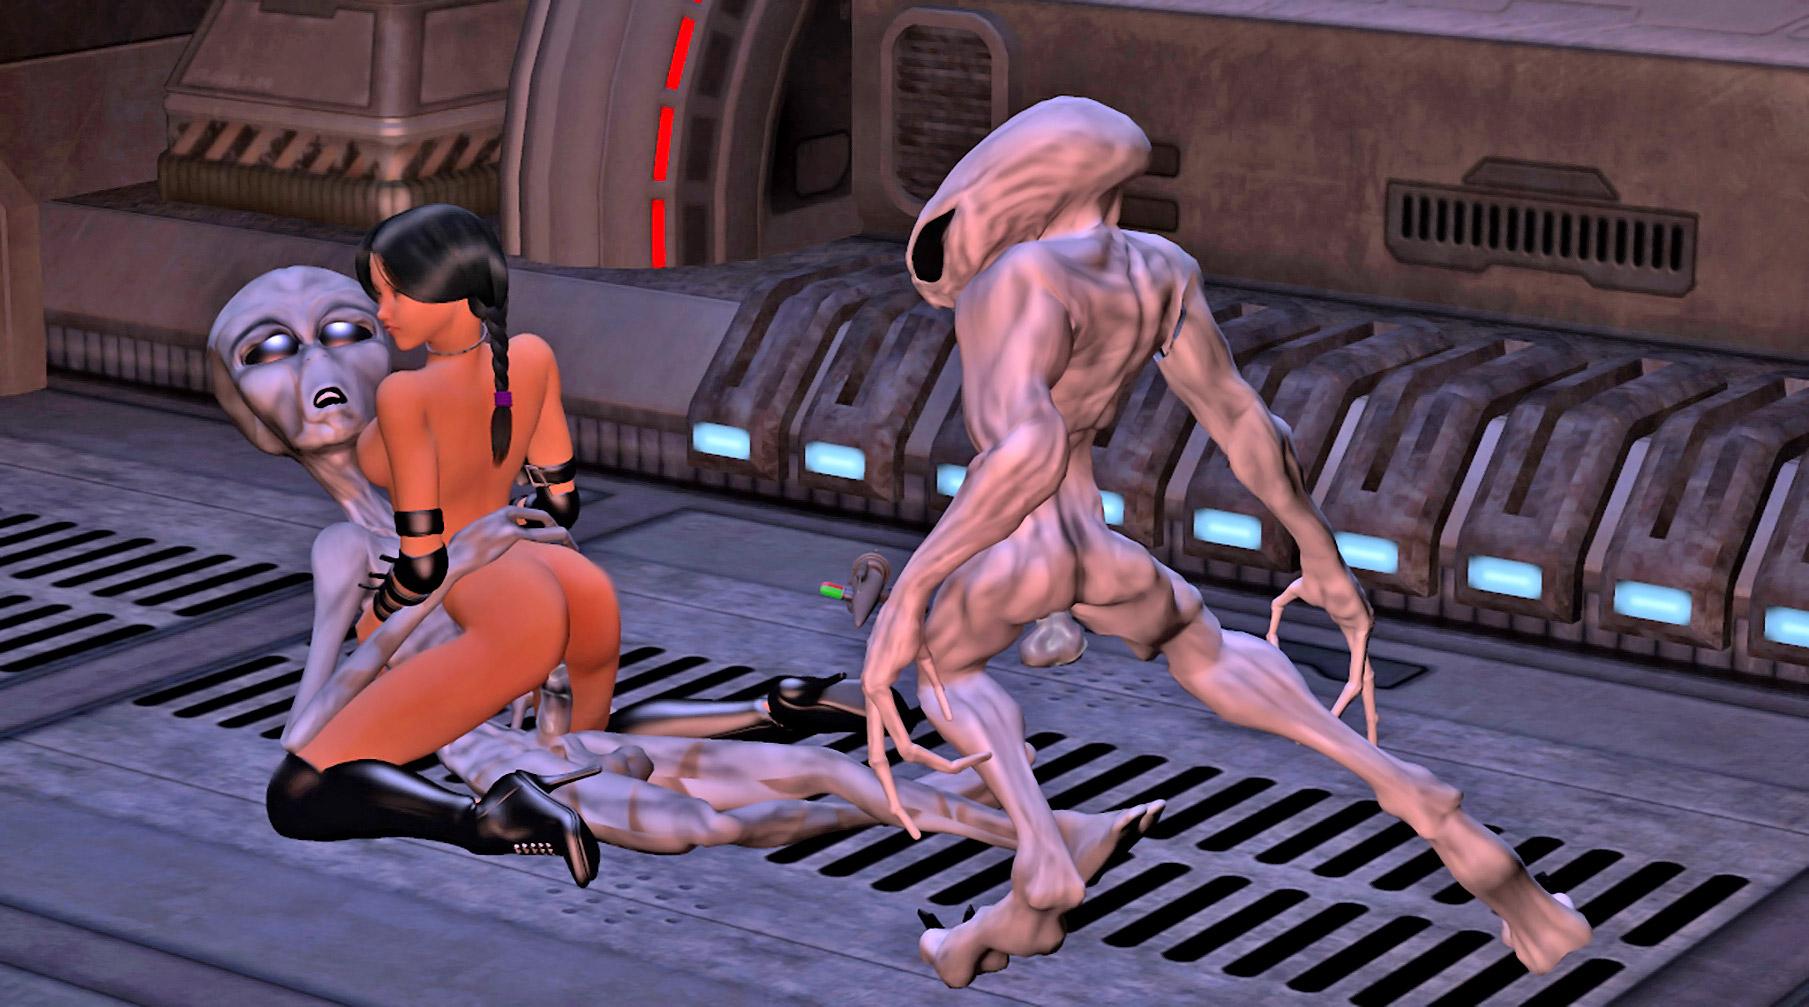 Sci fi sex gif nude clips